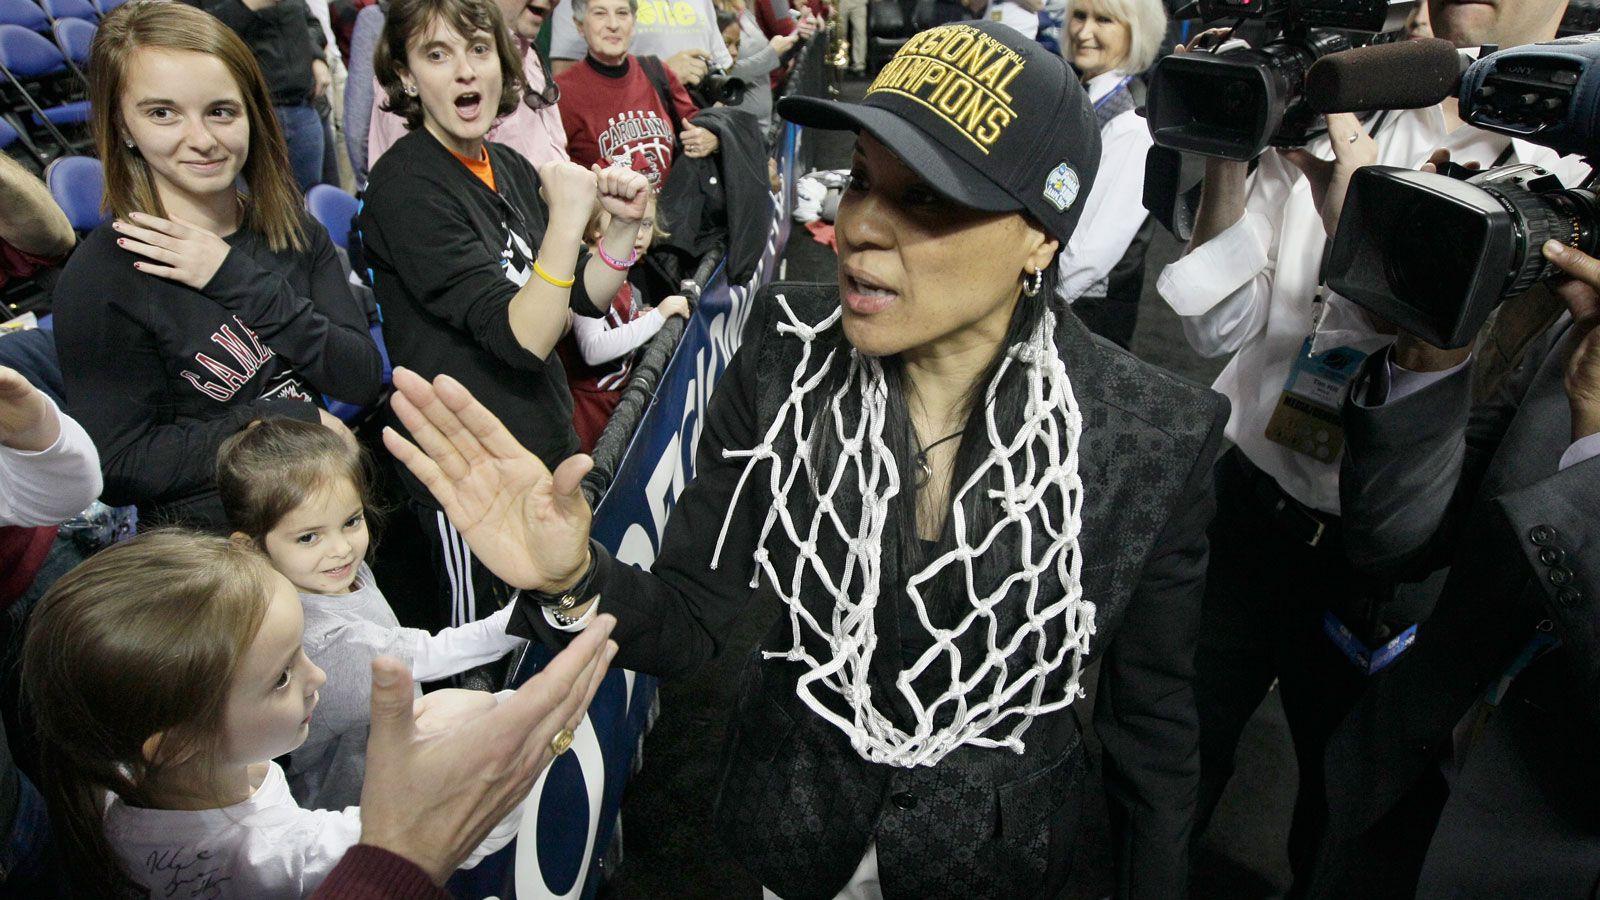 SEC leads in women's basketball attendance